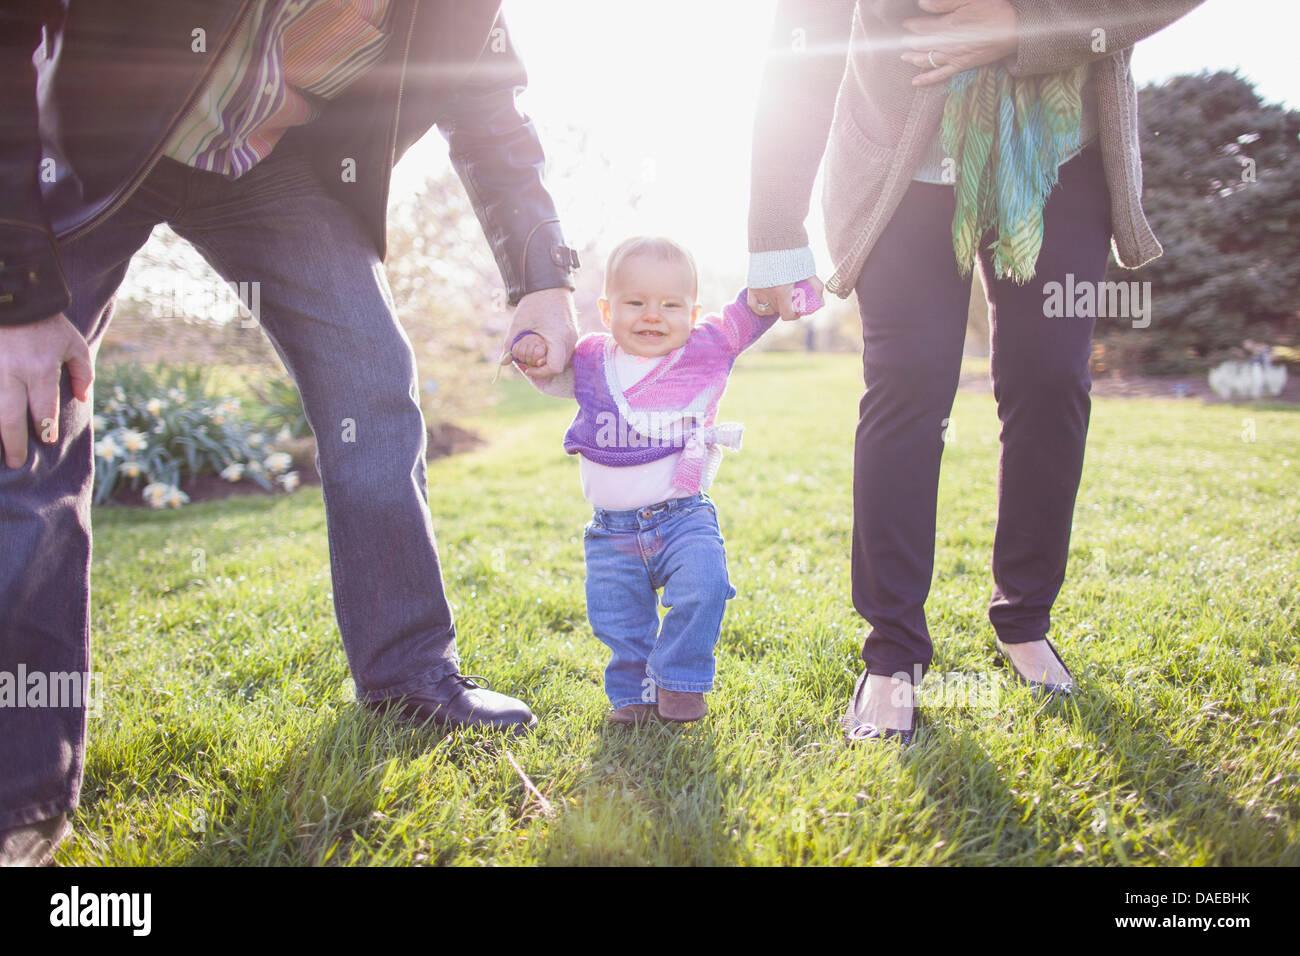 Los abuelos nieta caminando en el parque Imagen De Stock